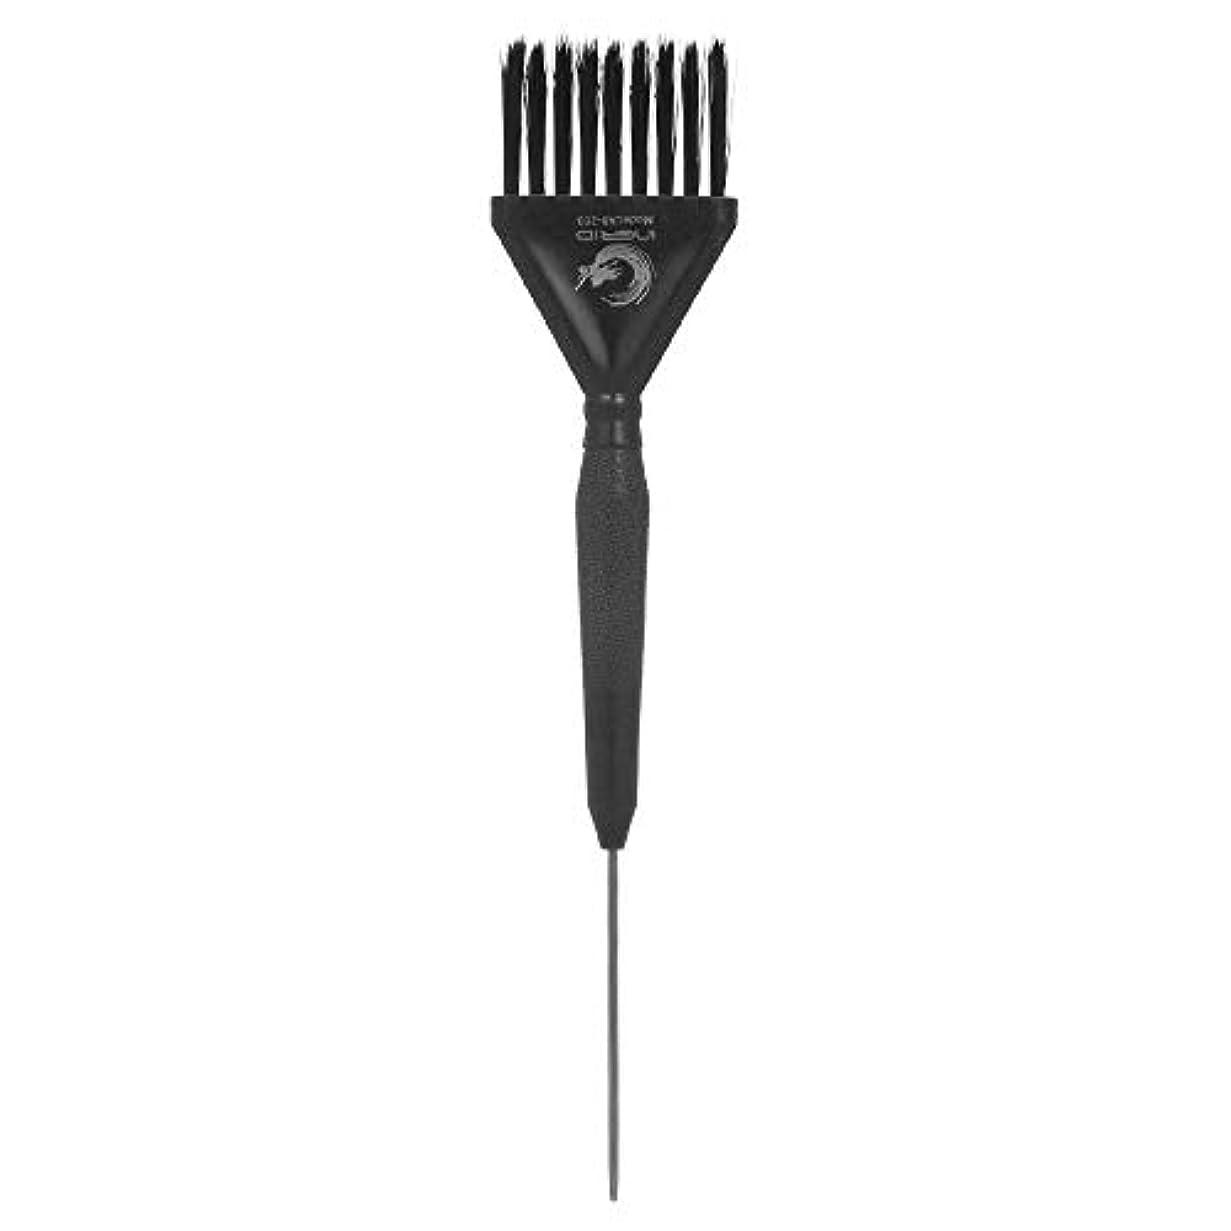 Decdeal 染毛ブラシ ヘアダイブラシ プロ用 DIY 髪染め用 サロン 美髪師用 ヘアカラーの用具